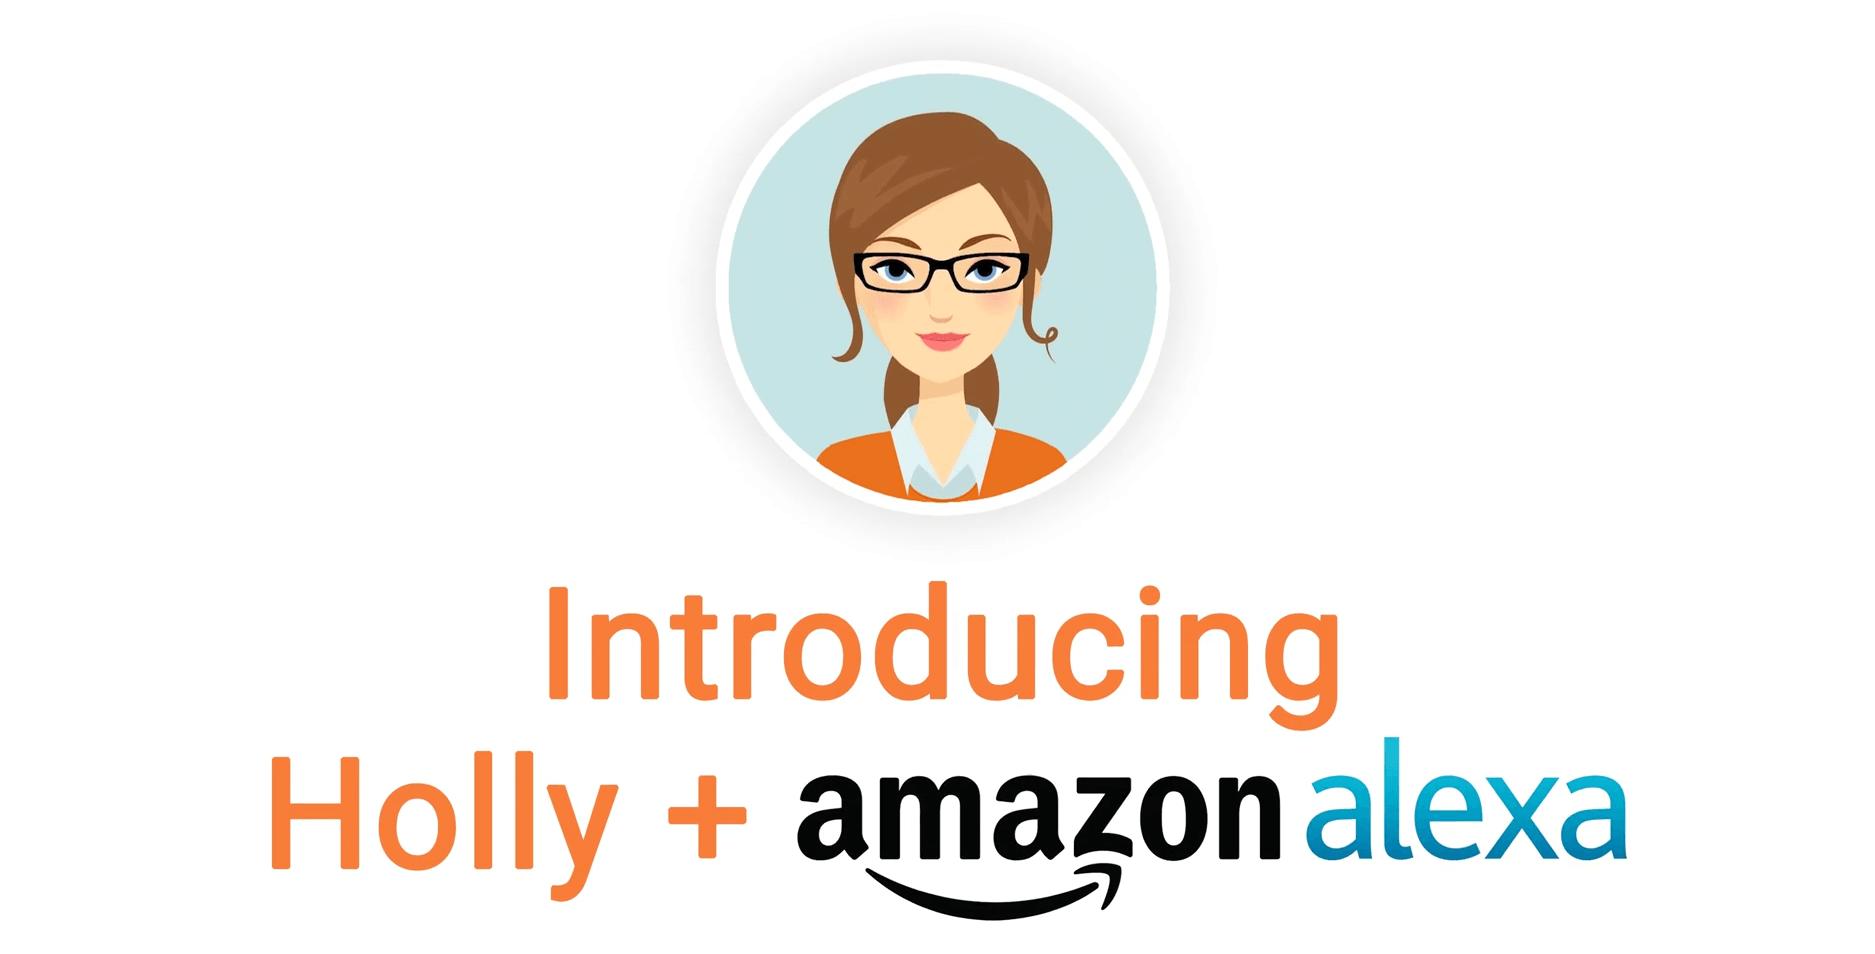 Holly + Amazon alexa